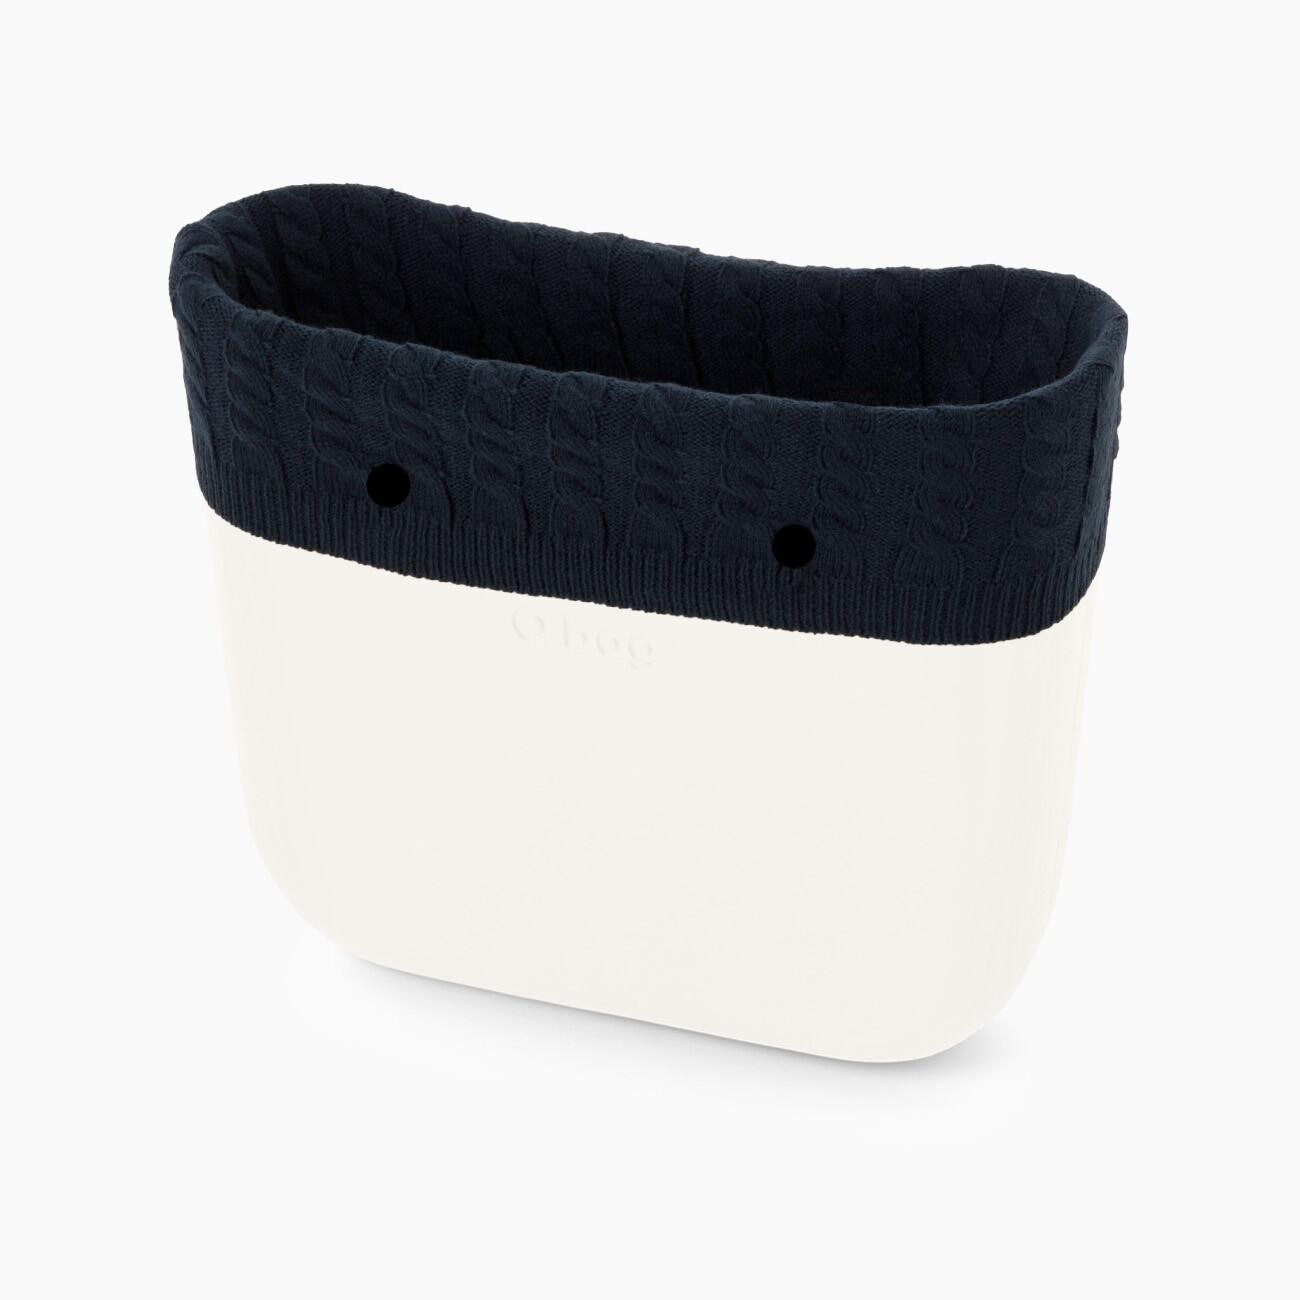 Bordo borsa o bag invernale in lana con trecce colore blu navy